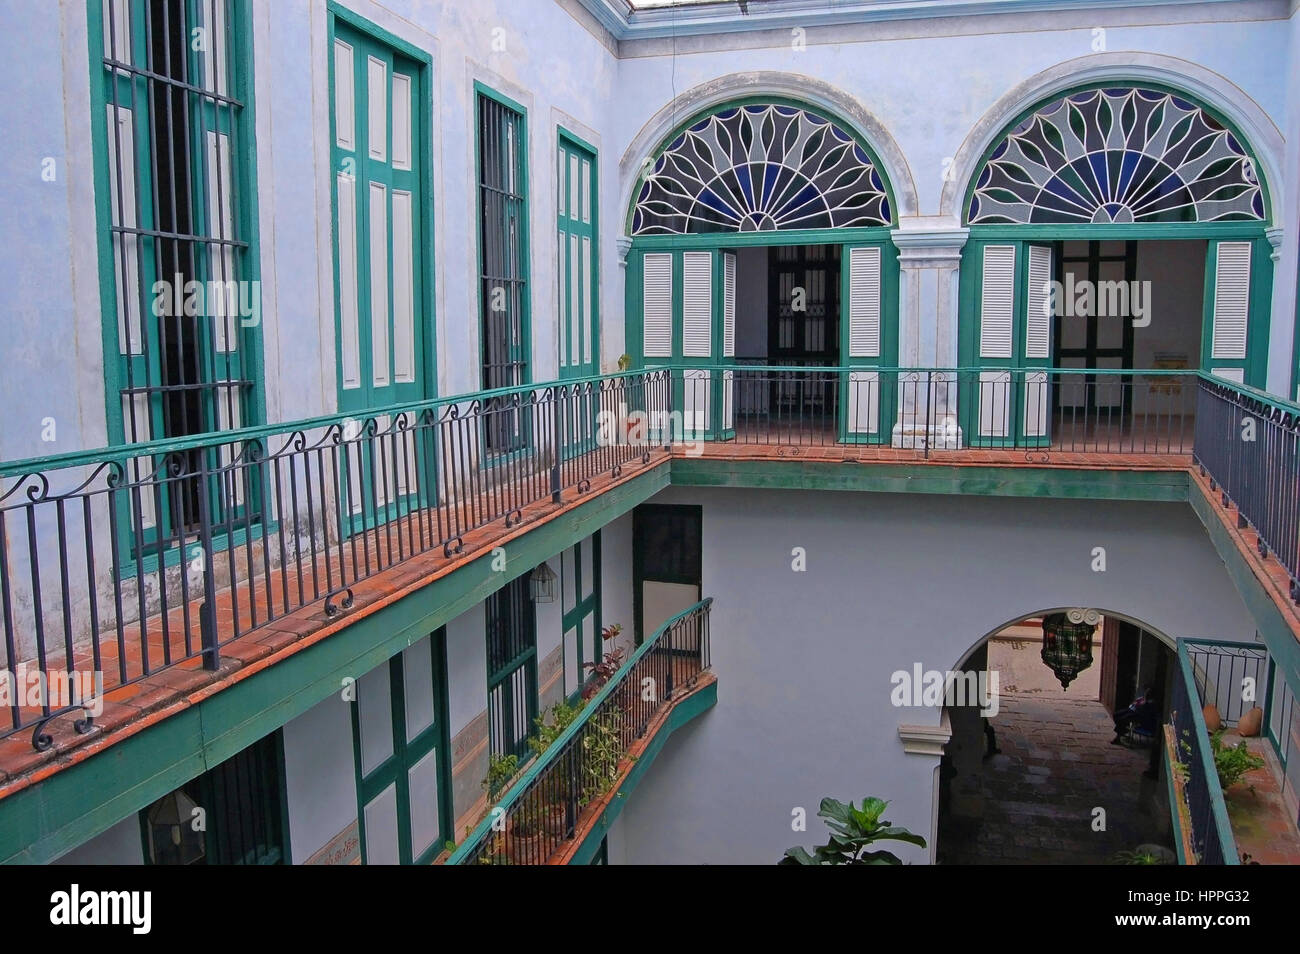 Casa de los Arabes.  Upper Two stories overlooking the Interior Patio, Havana, Cuba - Stock Image